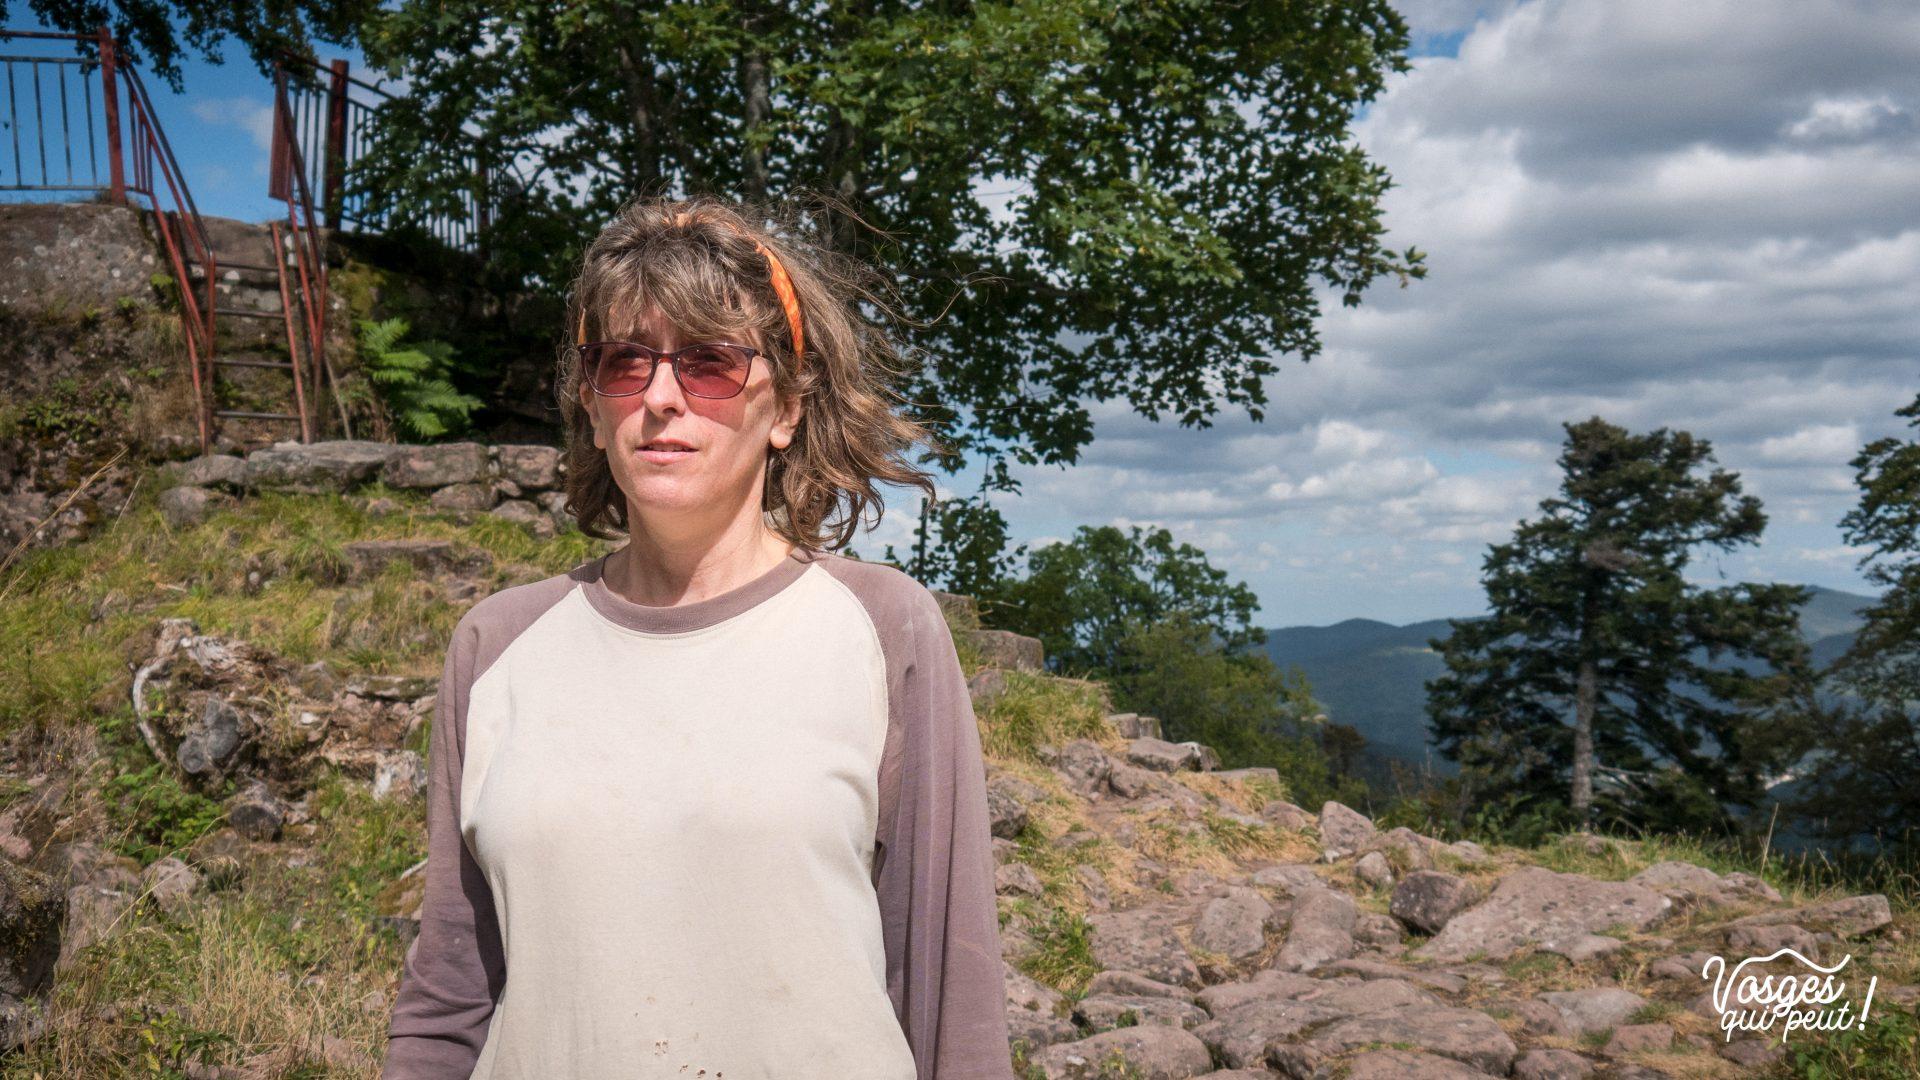 Portrait de Cécile, présidente de l'association Les Veilleurs de Salm